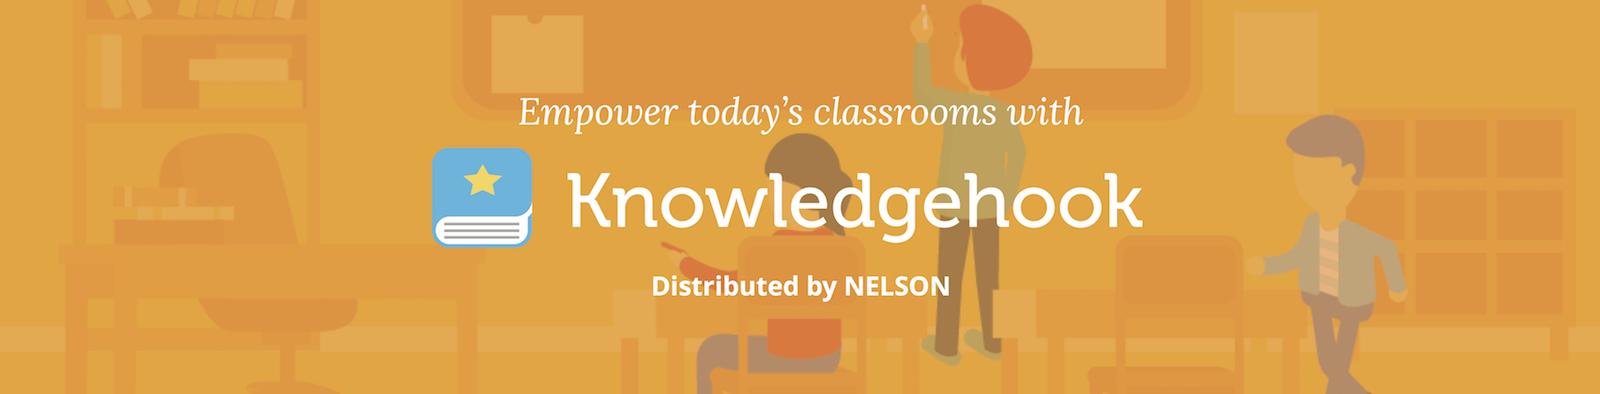 sc-web-knowledgehook-series-page-banner-10102018.jpg